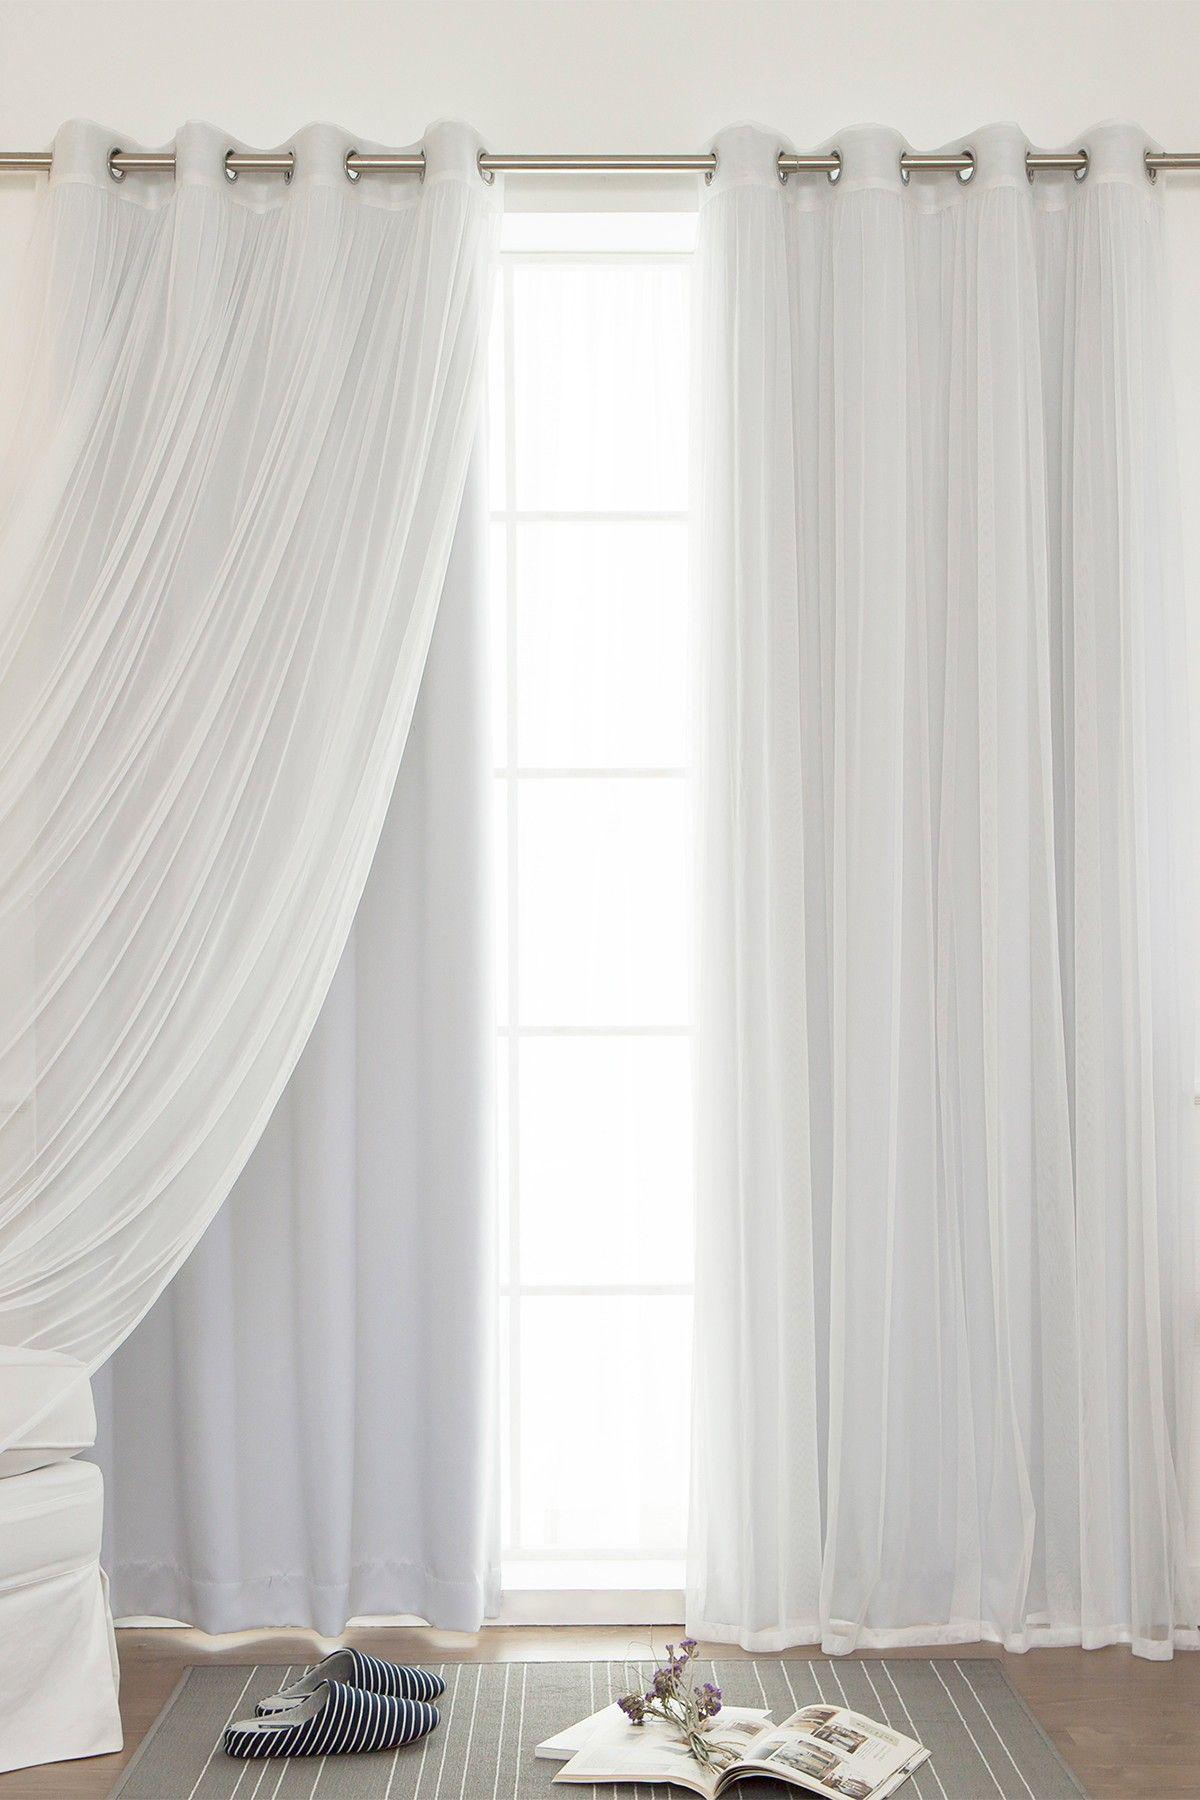 Pin de laurie pellegren en closet curtains blackout - Blackout curtains for master bedroom ...